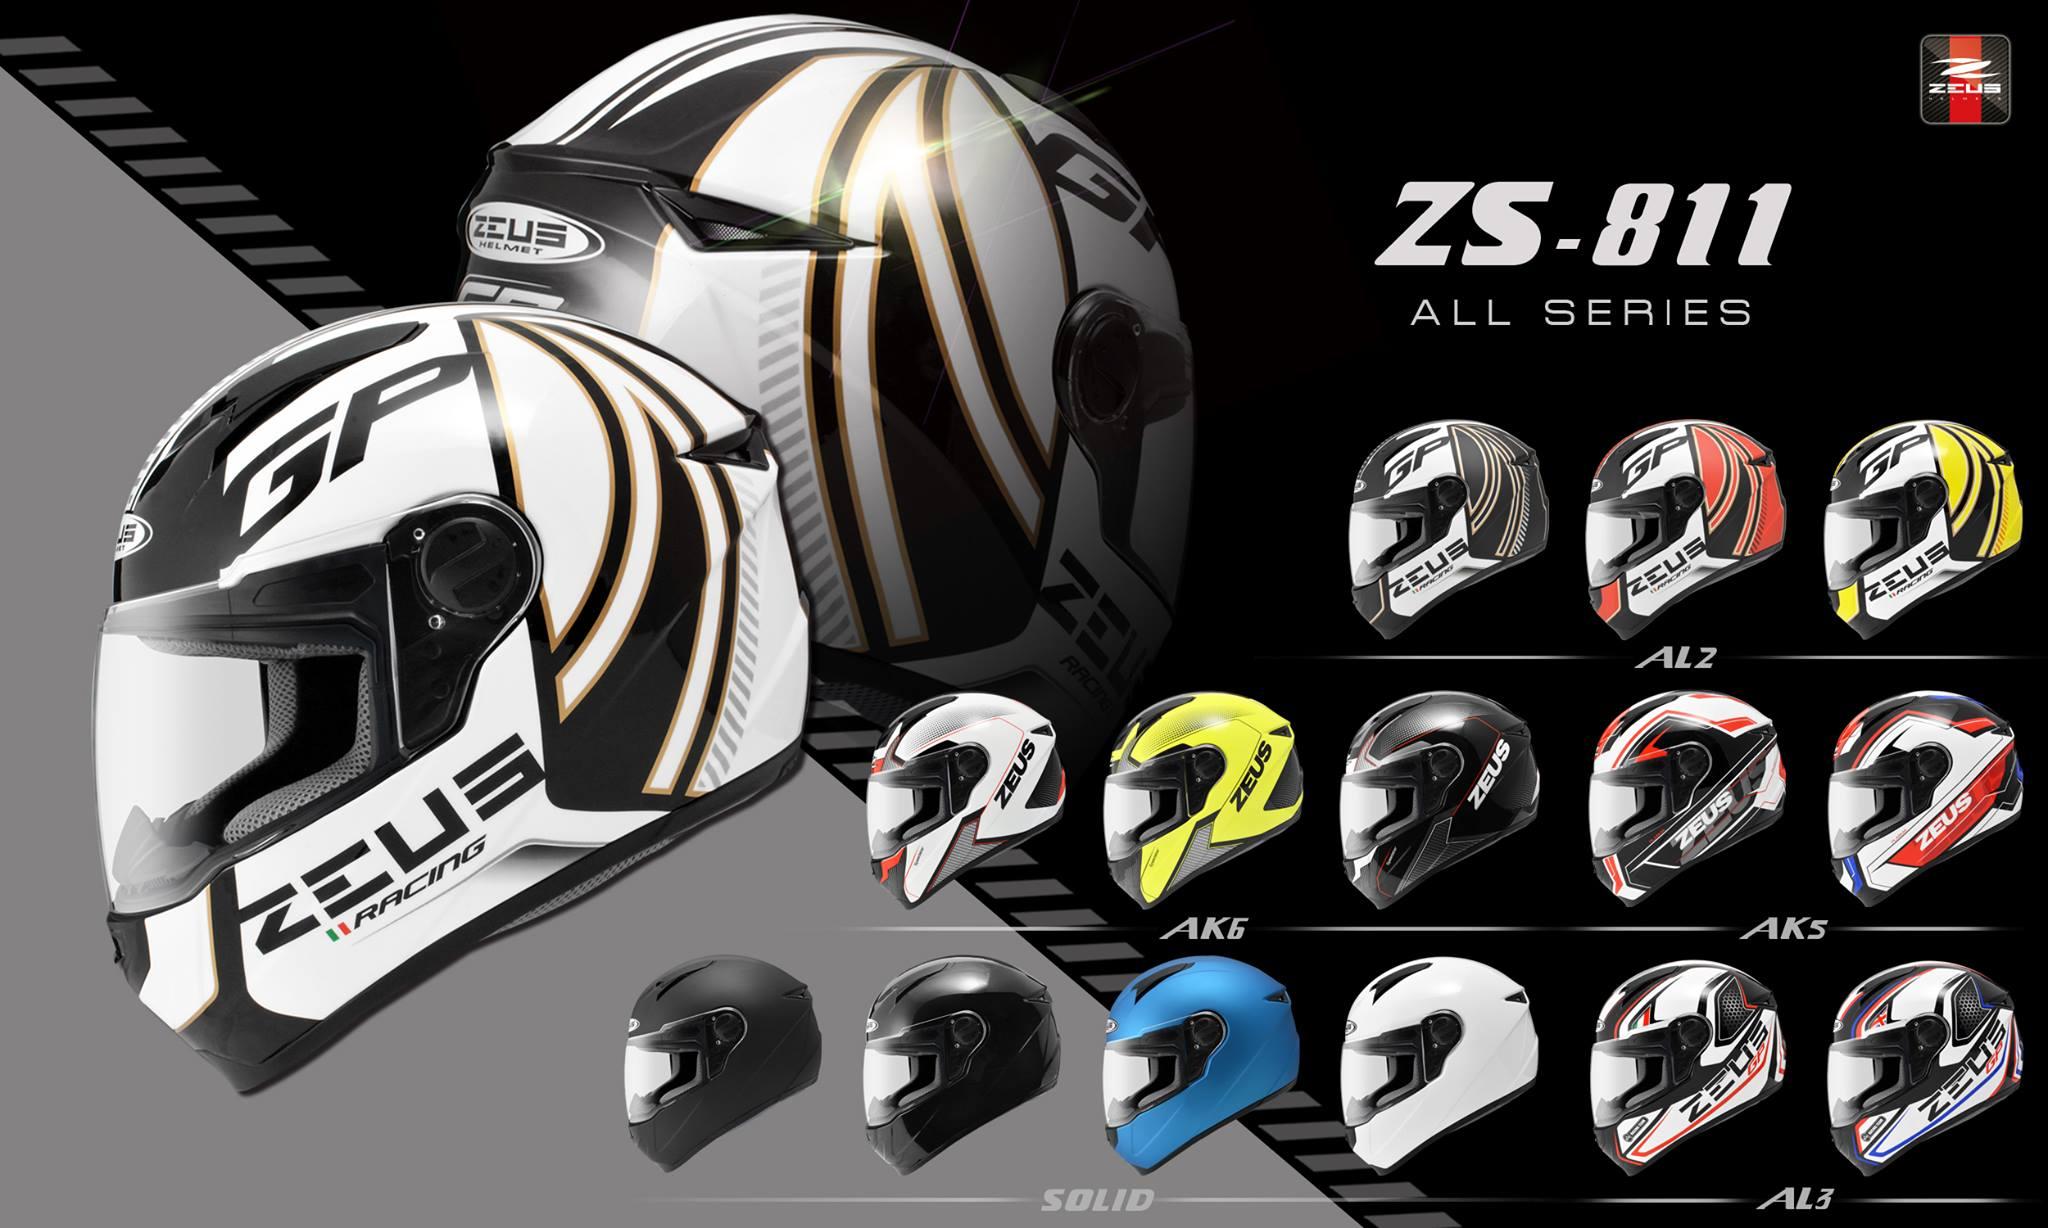 ~任我行騎士部品~瑞獅 ZEUS ZS-811AL5 黑紅 全罩式安全帽 ZS 811